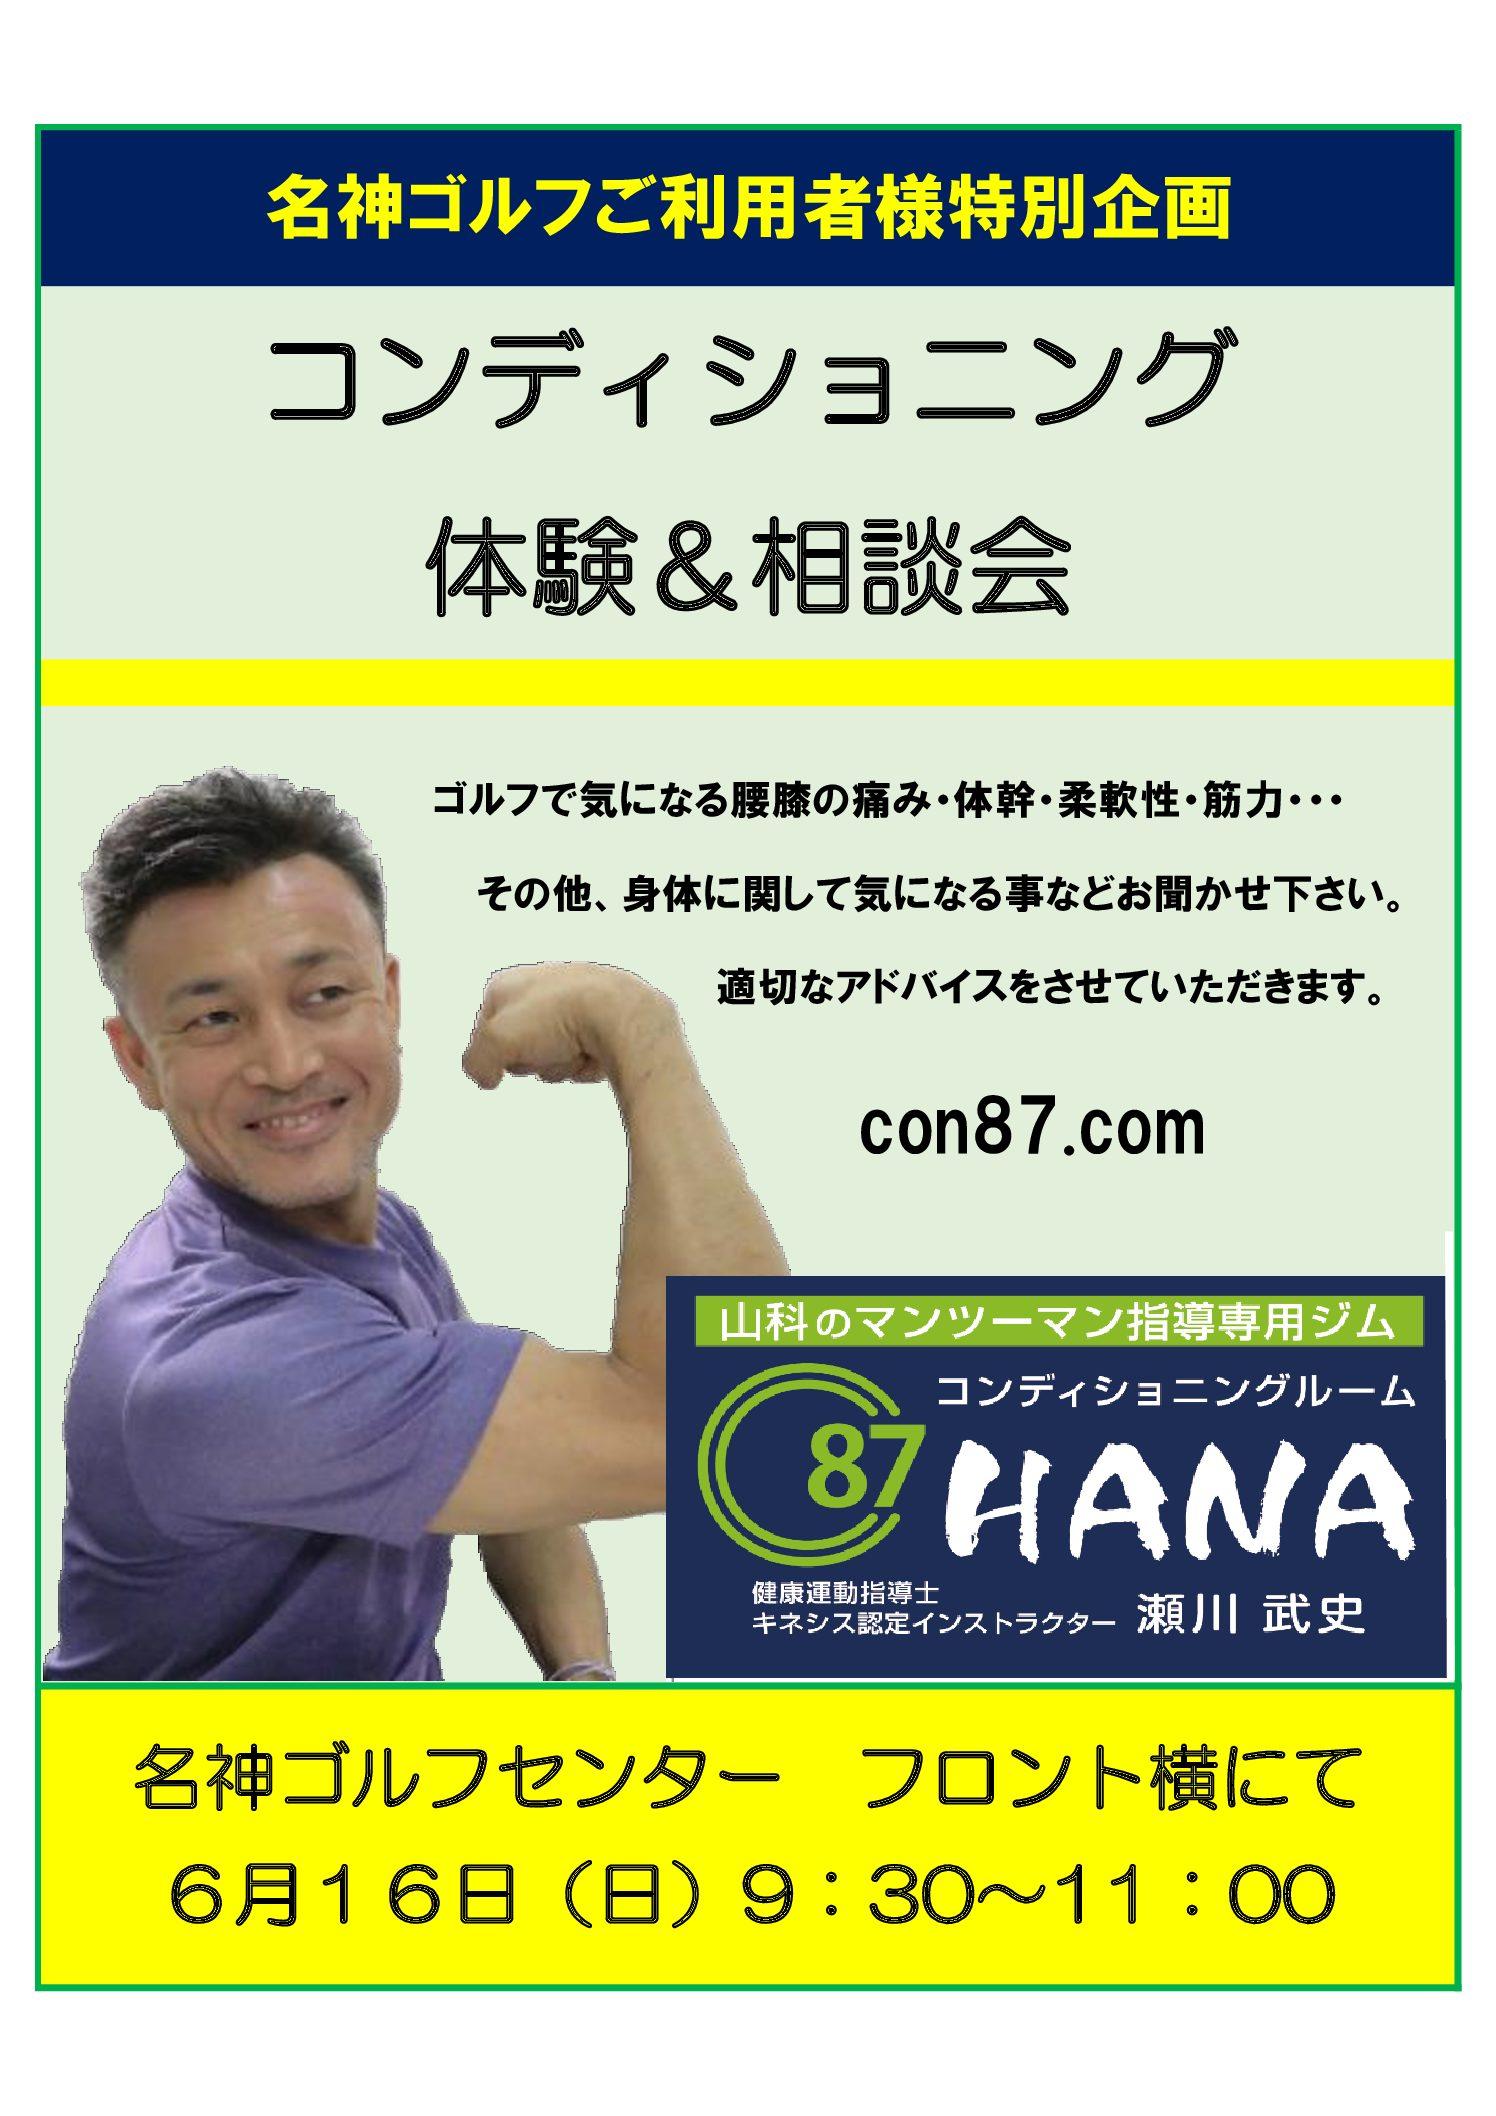 コンディショニング体験&相談会